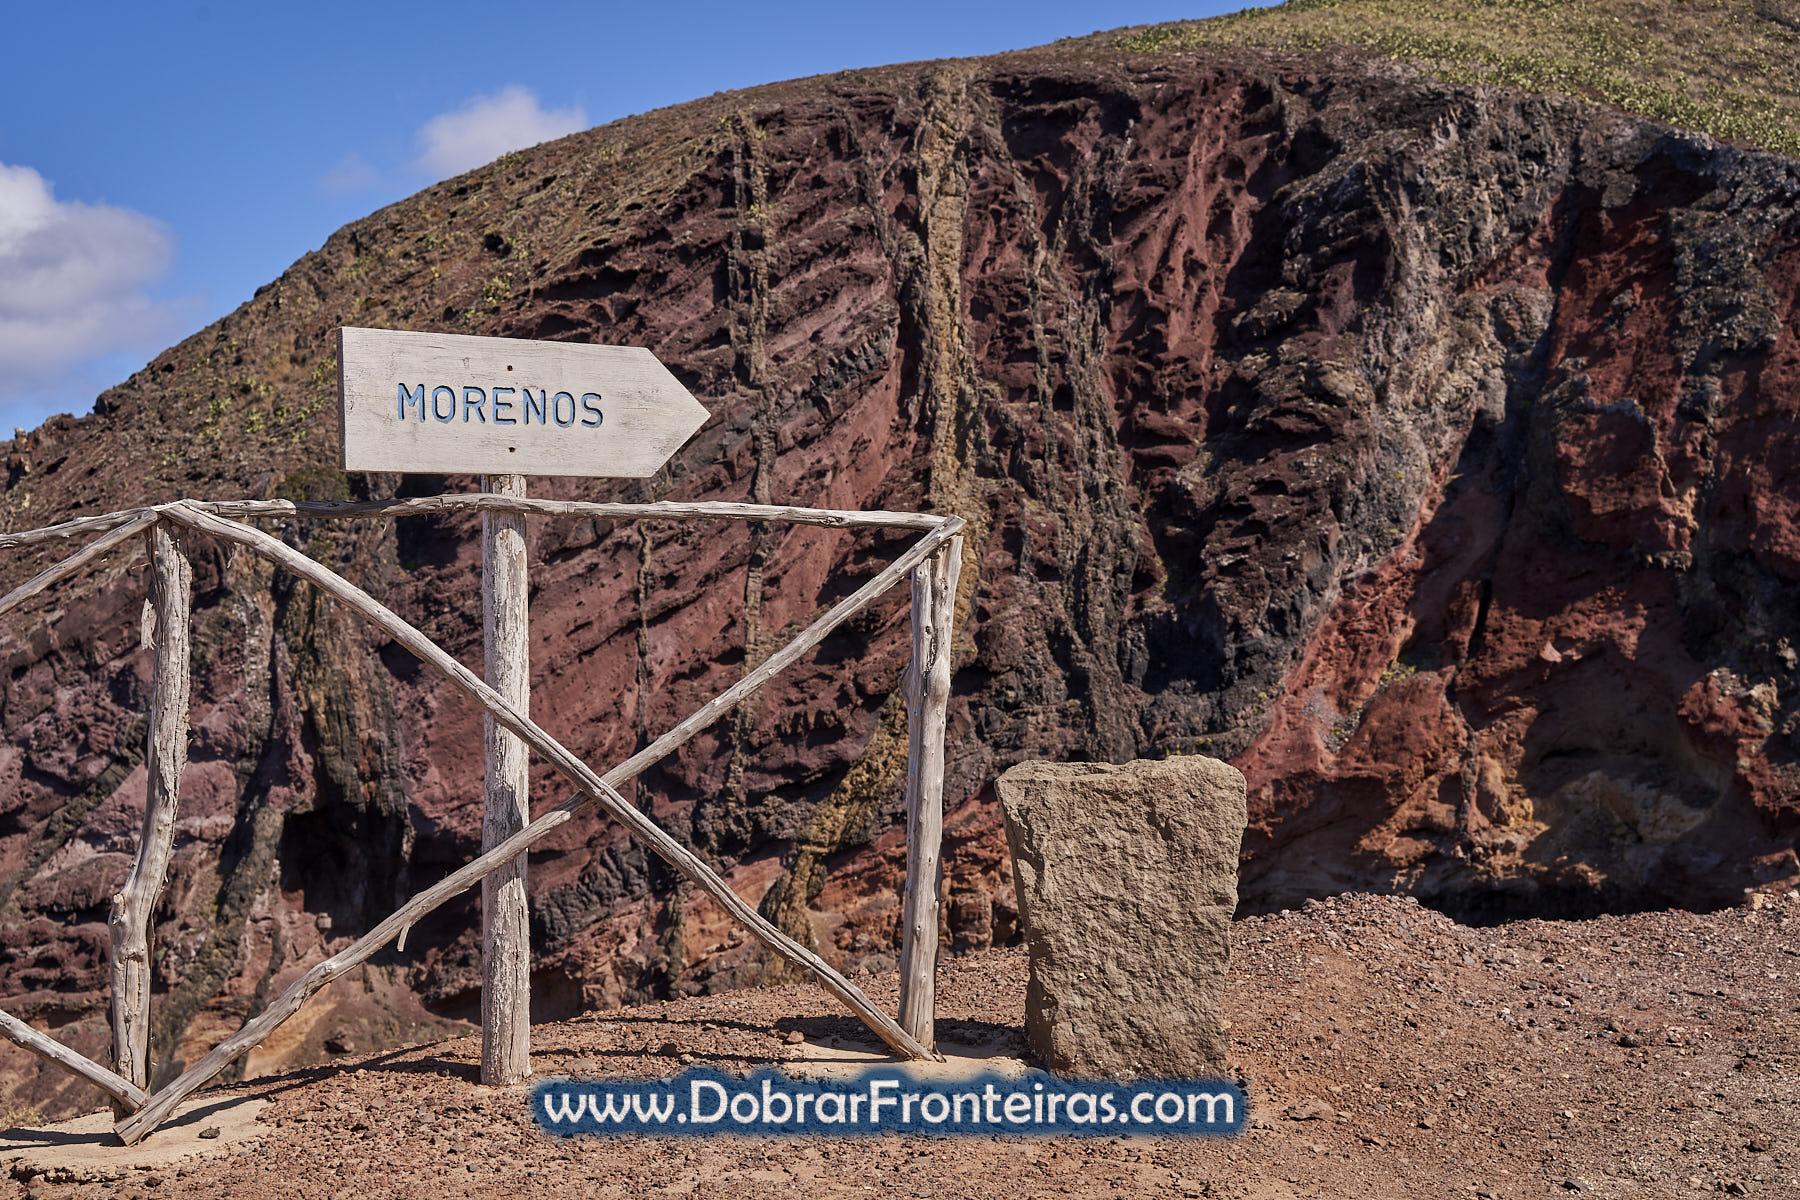 formação rochosa vulcânica de Morenos